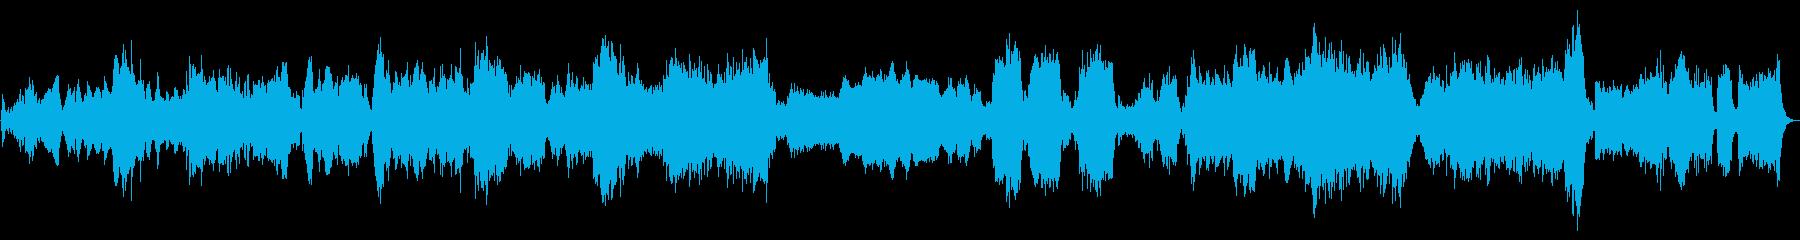 インパクトの強いドラマチックな映像向け曲の再生済みの波形